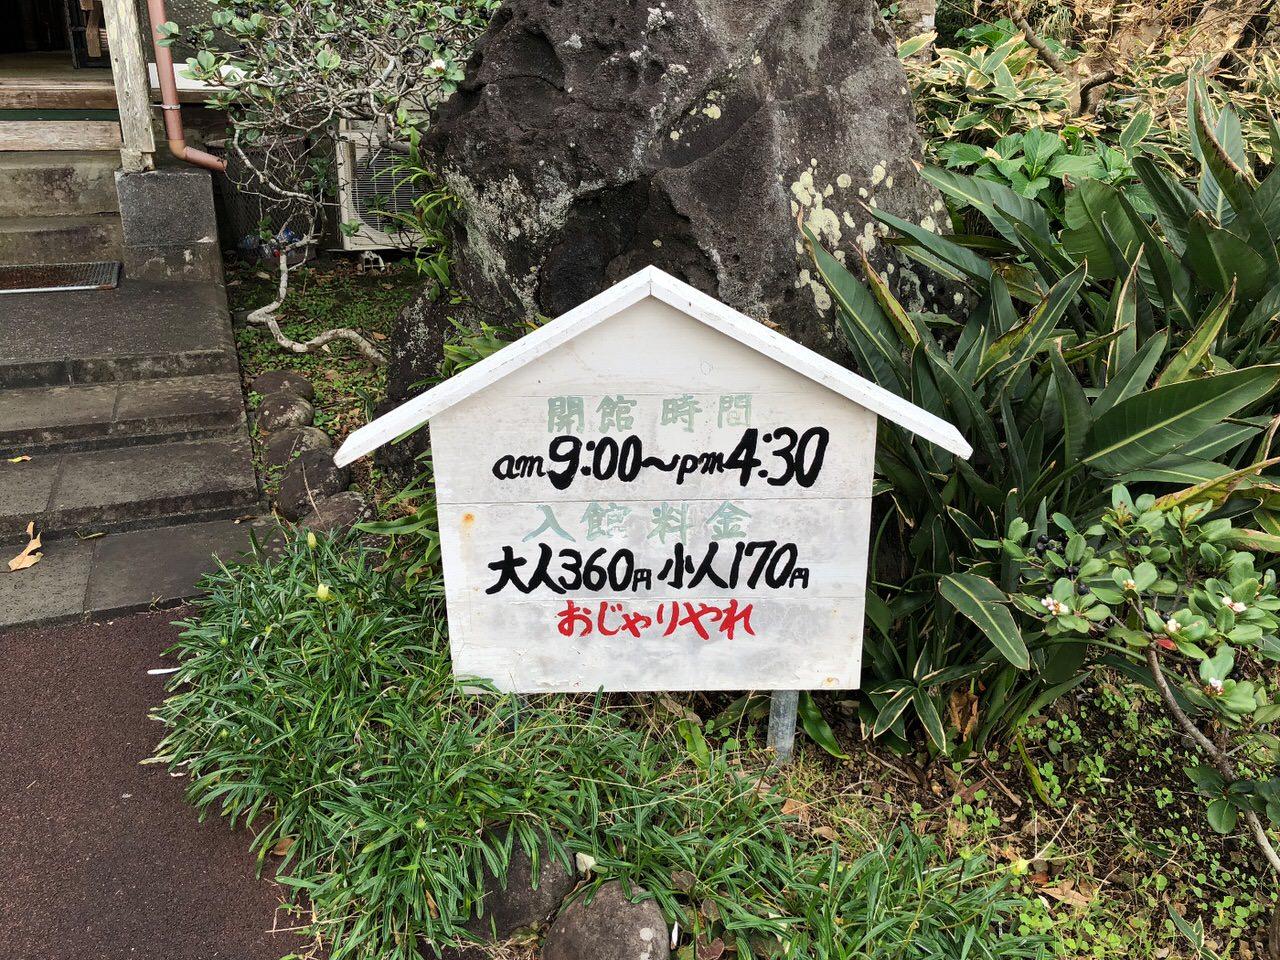 Hachijojima 16133435